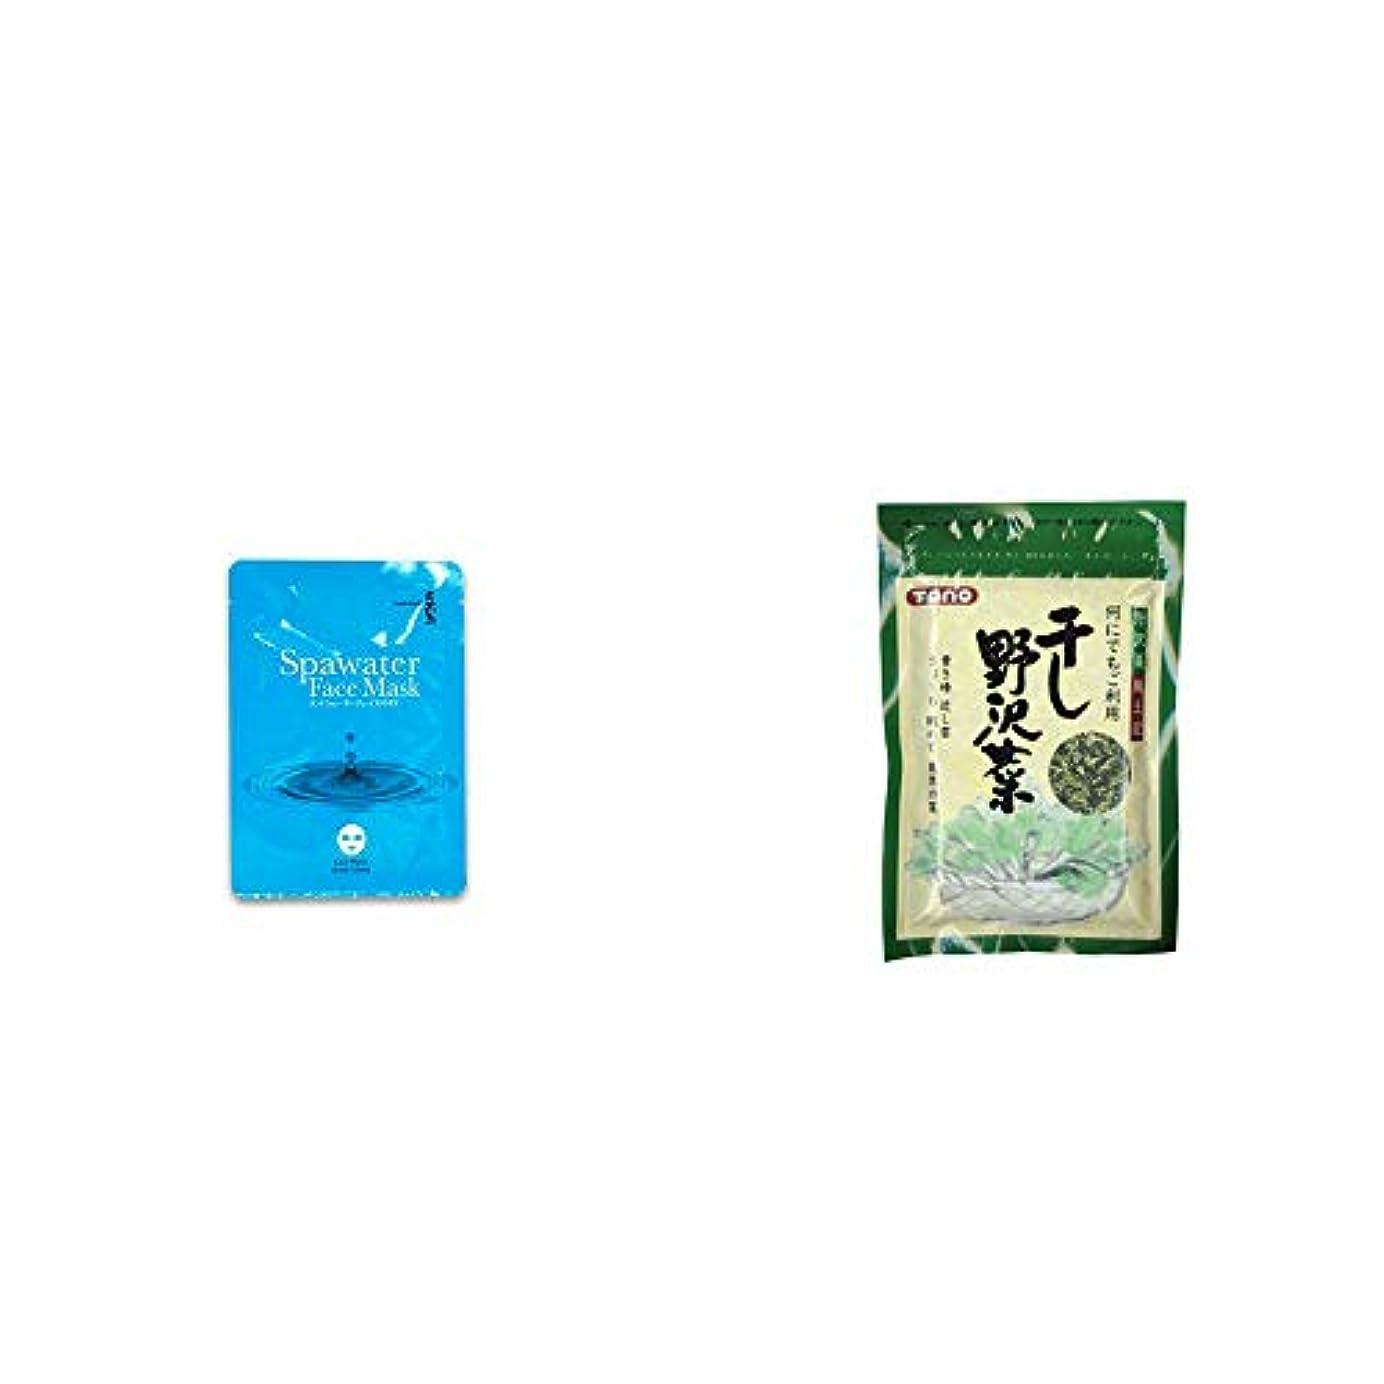 孤独な王族種類[2点セット] ひのき炭黒泉 スパウォーターフェイスマスク(18ml×3枚入)?干し野沢菜(100g)